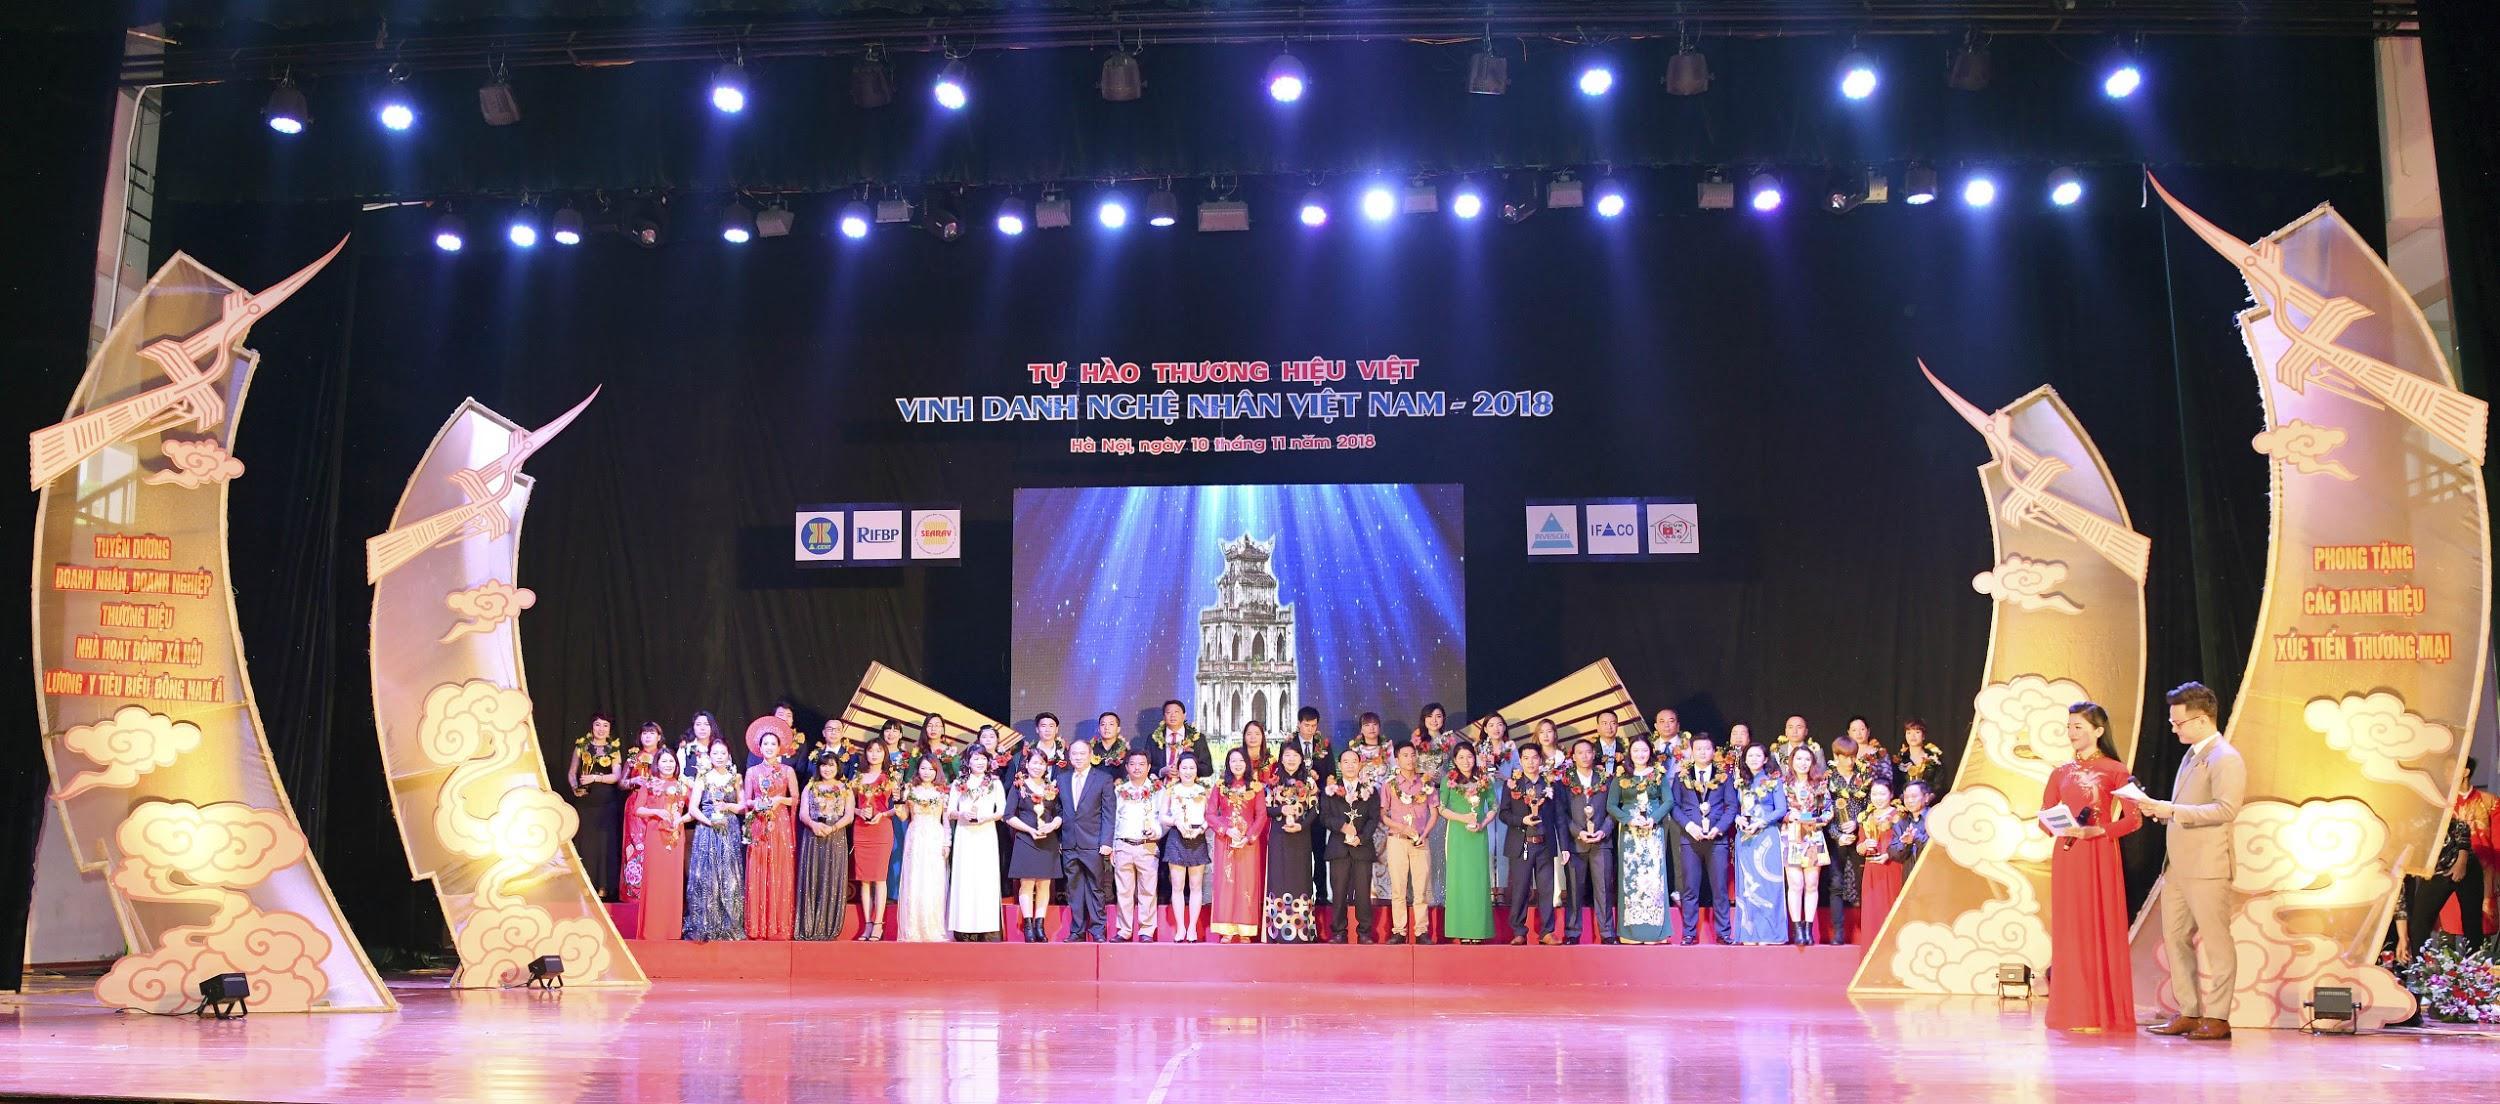 Top 10 Doanh nghiệp tiêu biểu Đông Nam Á xướng tên mỹ phẩm thiên nhiên I 2